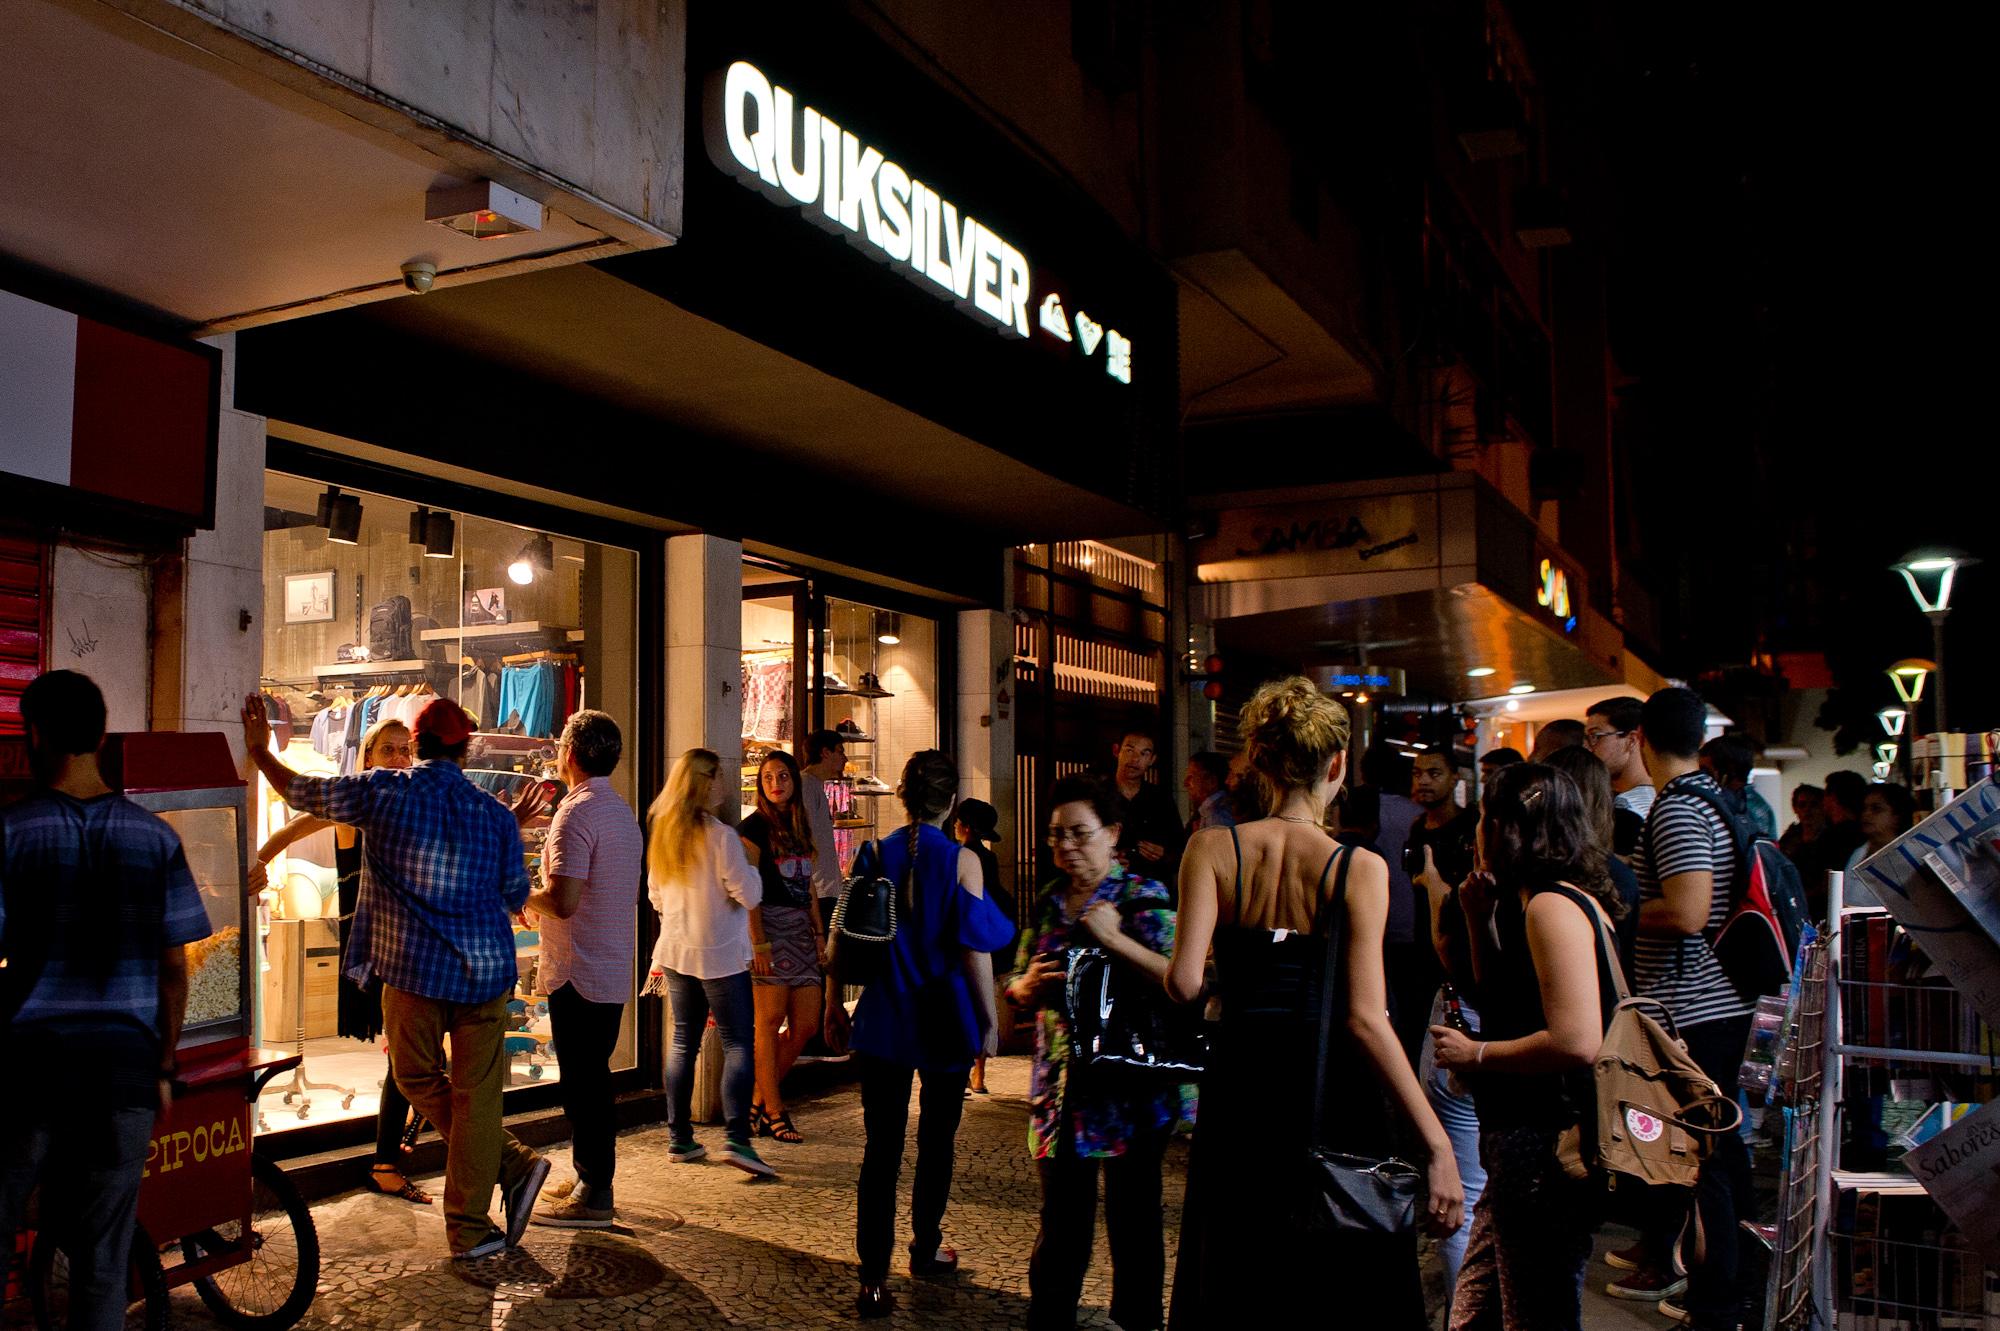 Quiksilver inaugura loja no Rio de Janeiro! Foto  Quiksilver   Divulgação 226787cd44